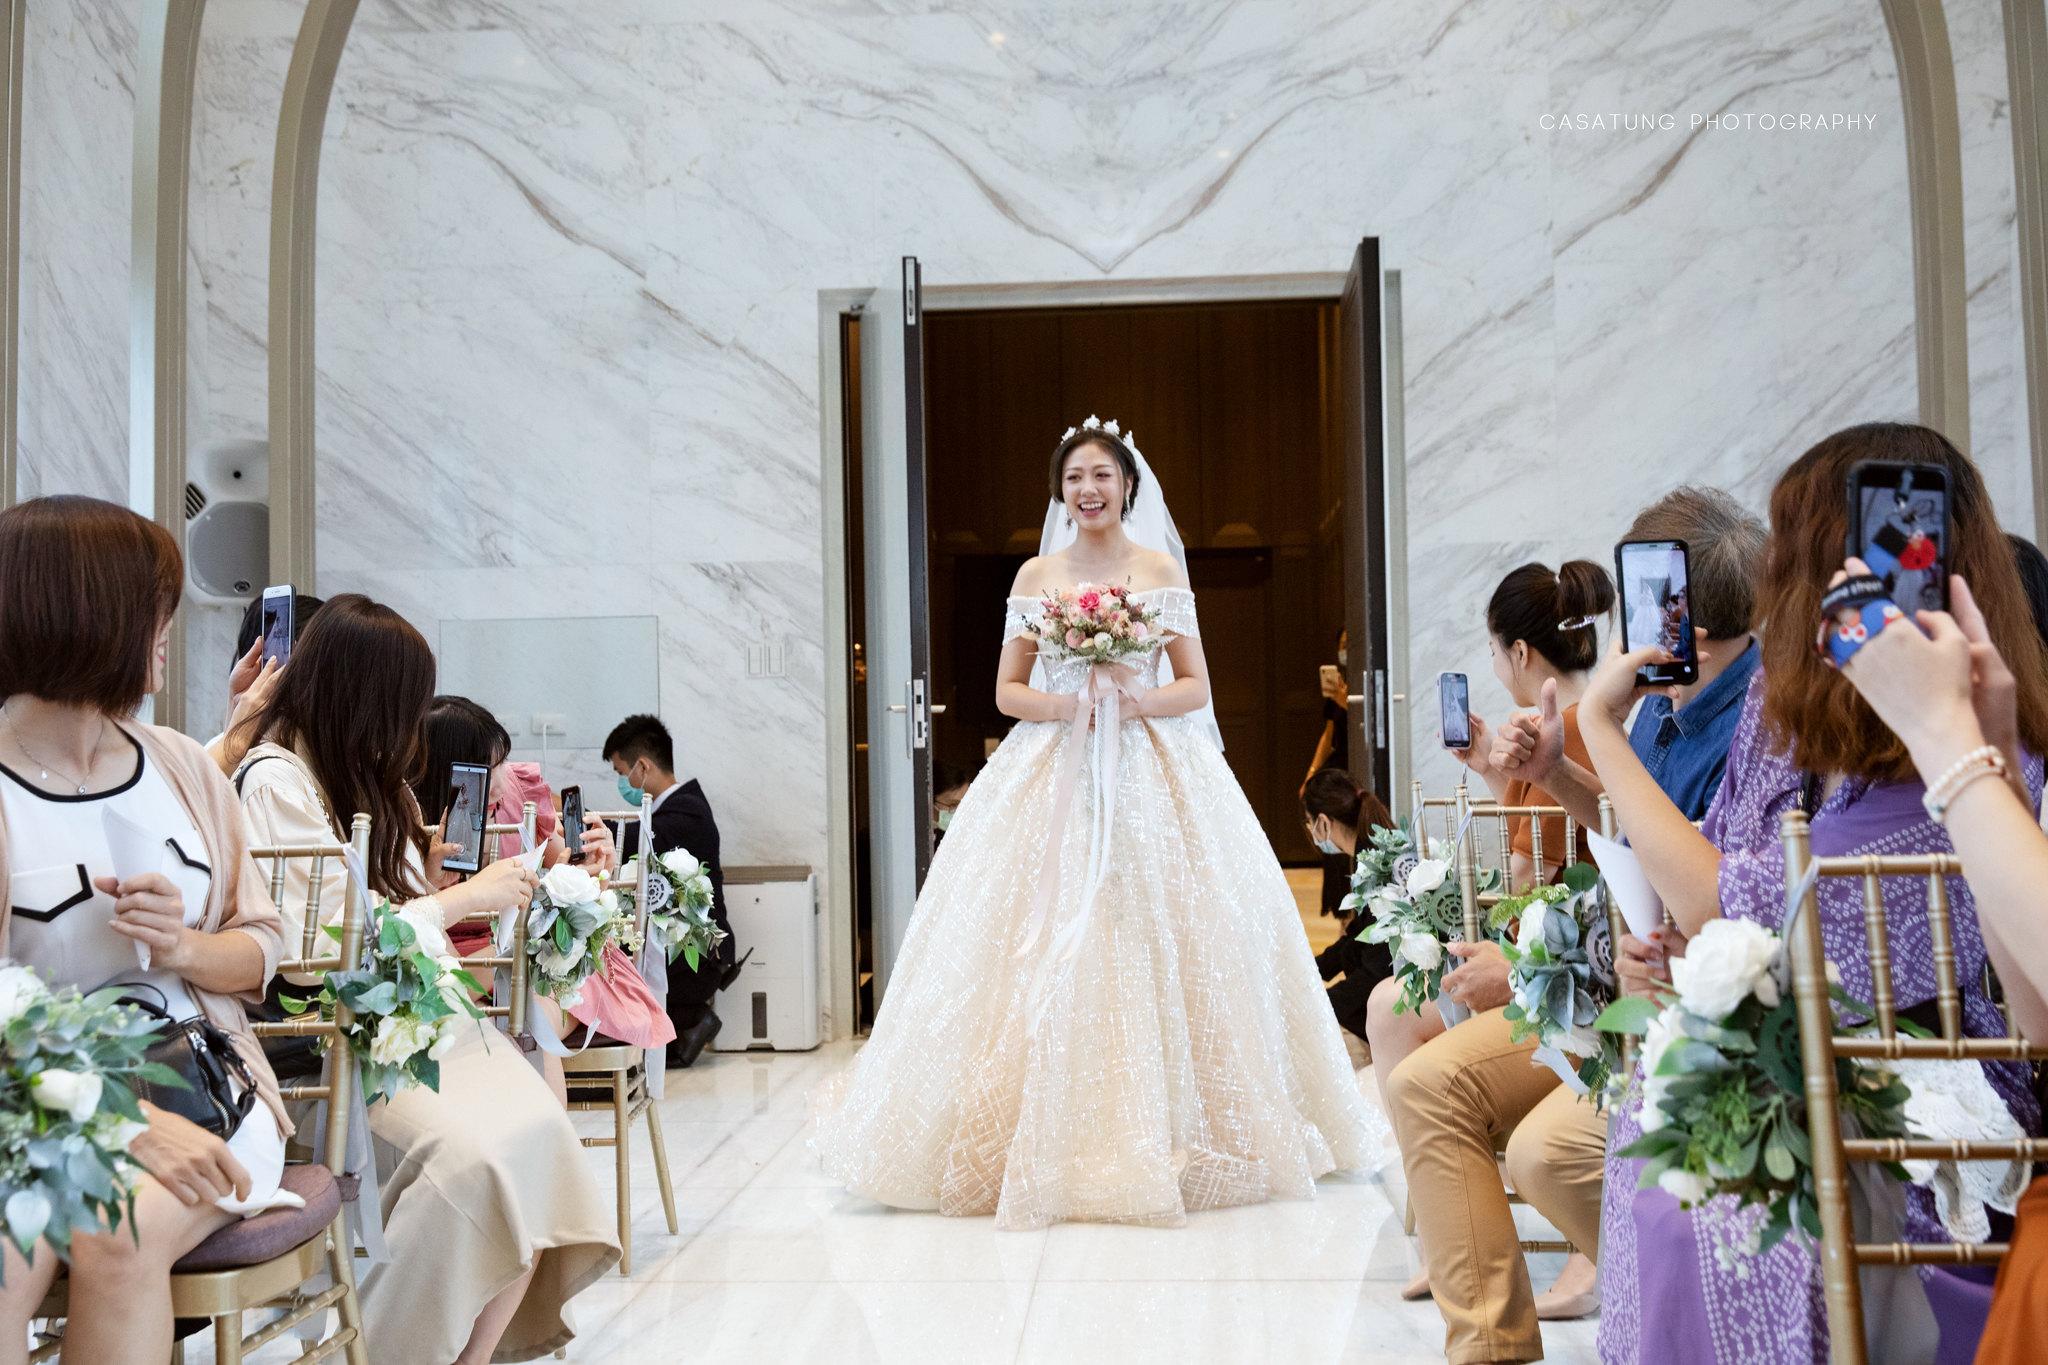 戶外婚禮, 手工婚紗, 台中婚攝, 自助婚紗, 婚紗工作室, 婚紗推薦旋轉木馬, 婚攝推廷, 婚攝CASA, 推薦婚攝, 旋轉木馬婚紗, 萊特維庭婚禮, 禮服出租, lightweeding,萊特薇庭婚攝-29